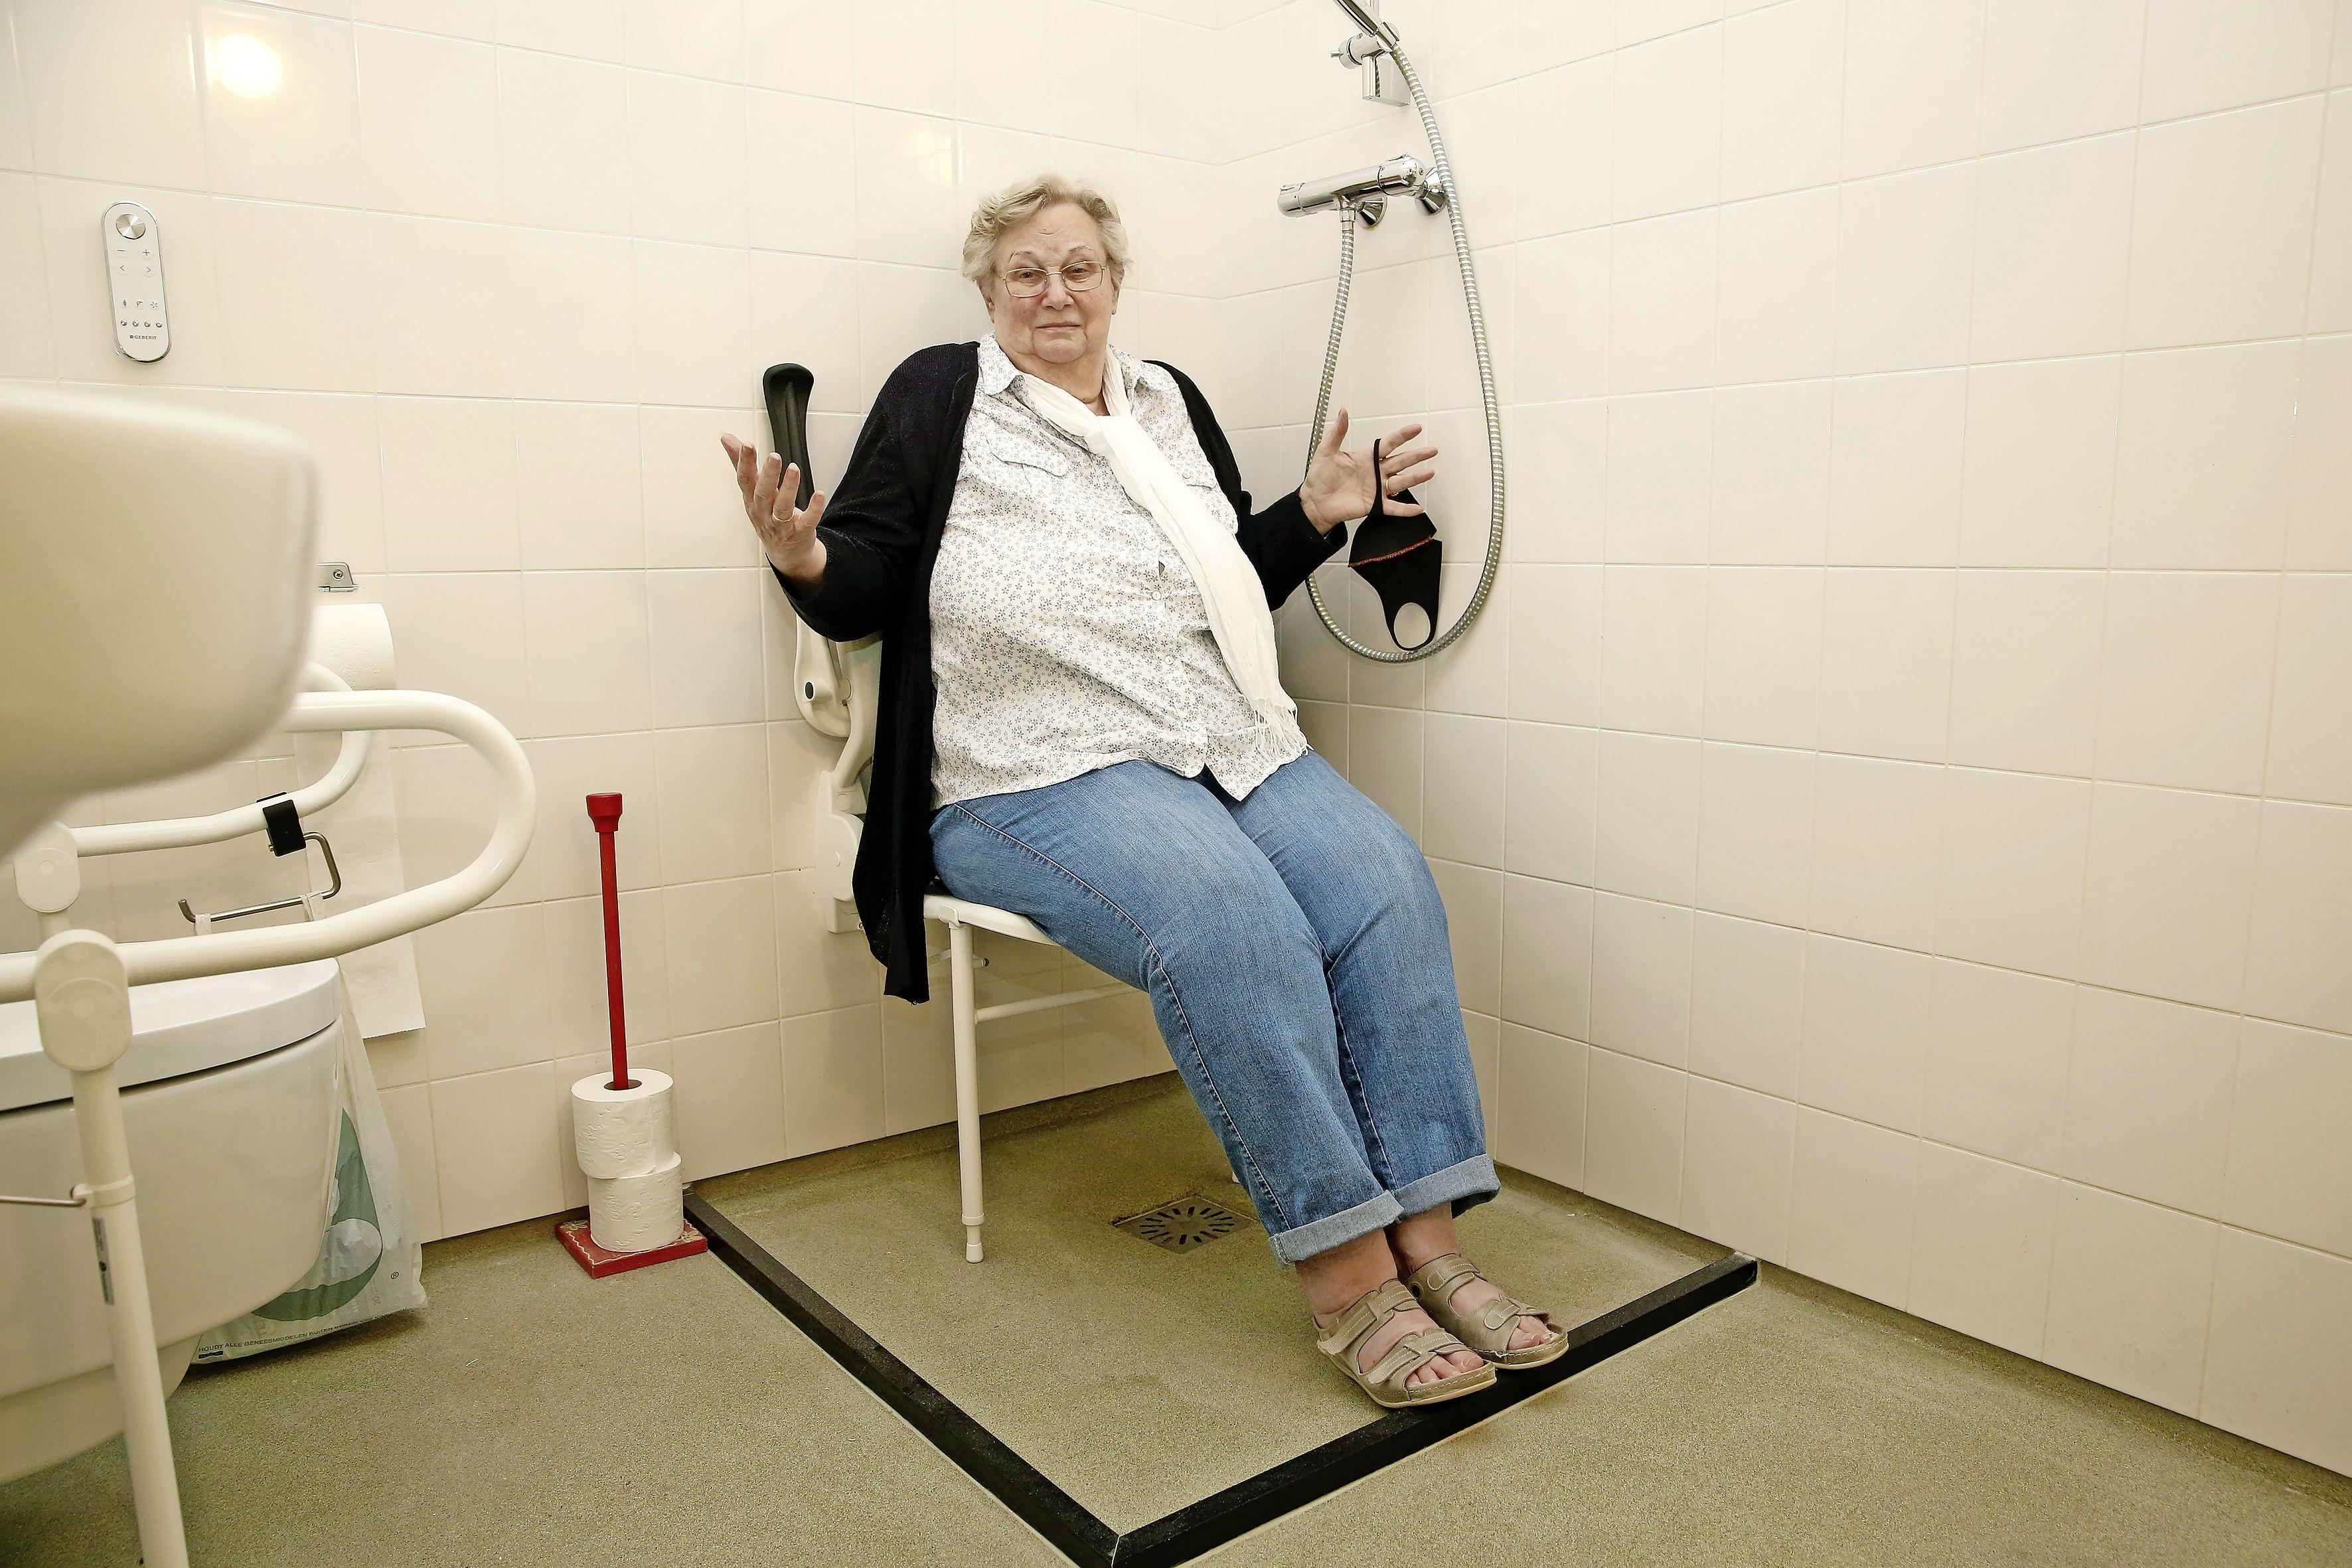 'Ik ben dit spuug, spuugzat'. Hilversumse Wies Dorland die al negen jaar niet kan douchen is verbijsterd dat De Alliantie tweet dat het probleem is opgelost